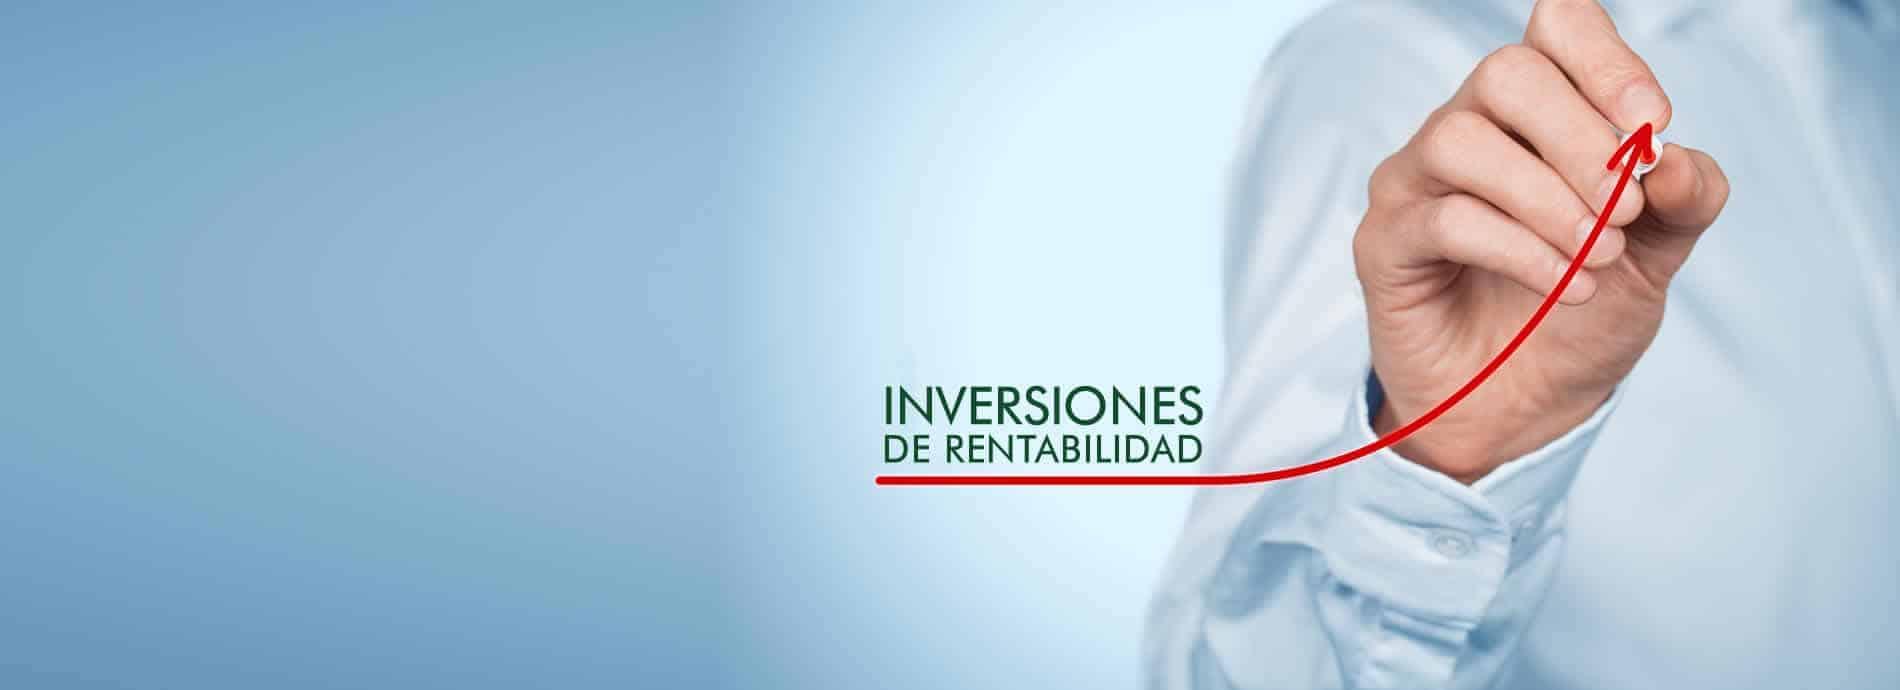 Inversiones de rentabilidad en Andorra. Inversiones inmobiliarias Versus, la inmobiliaria de confianza para su inversión.